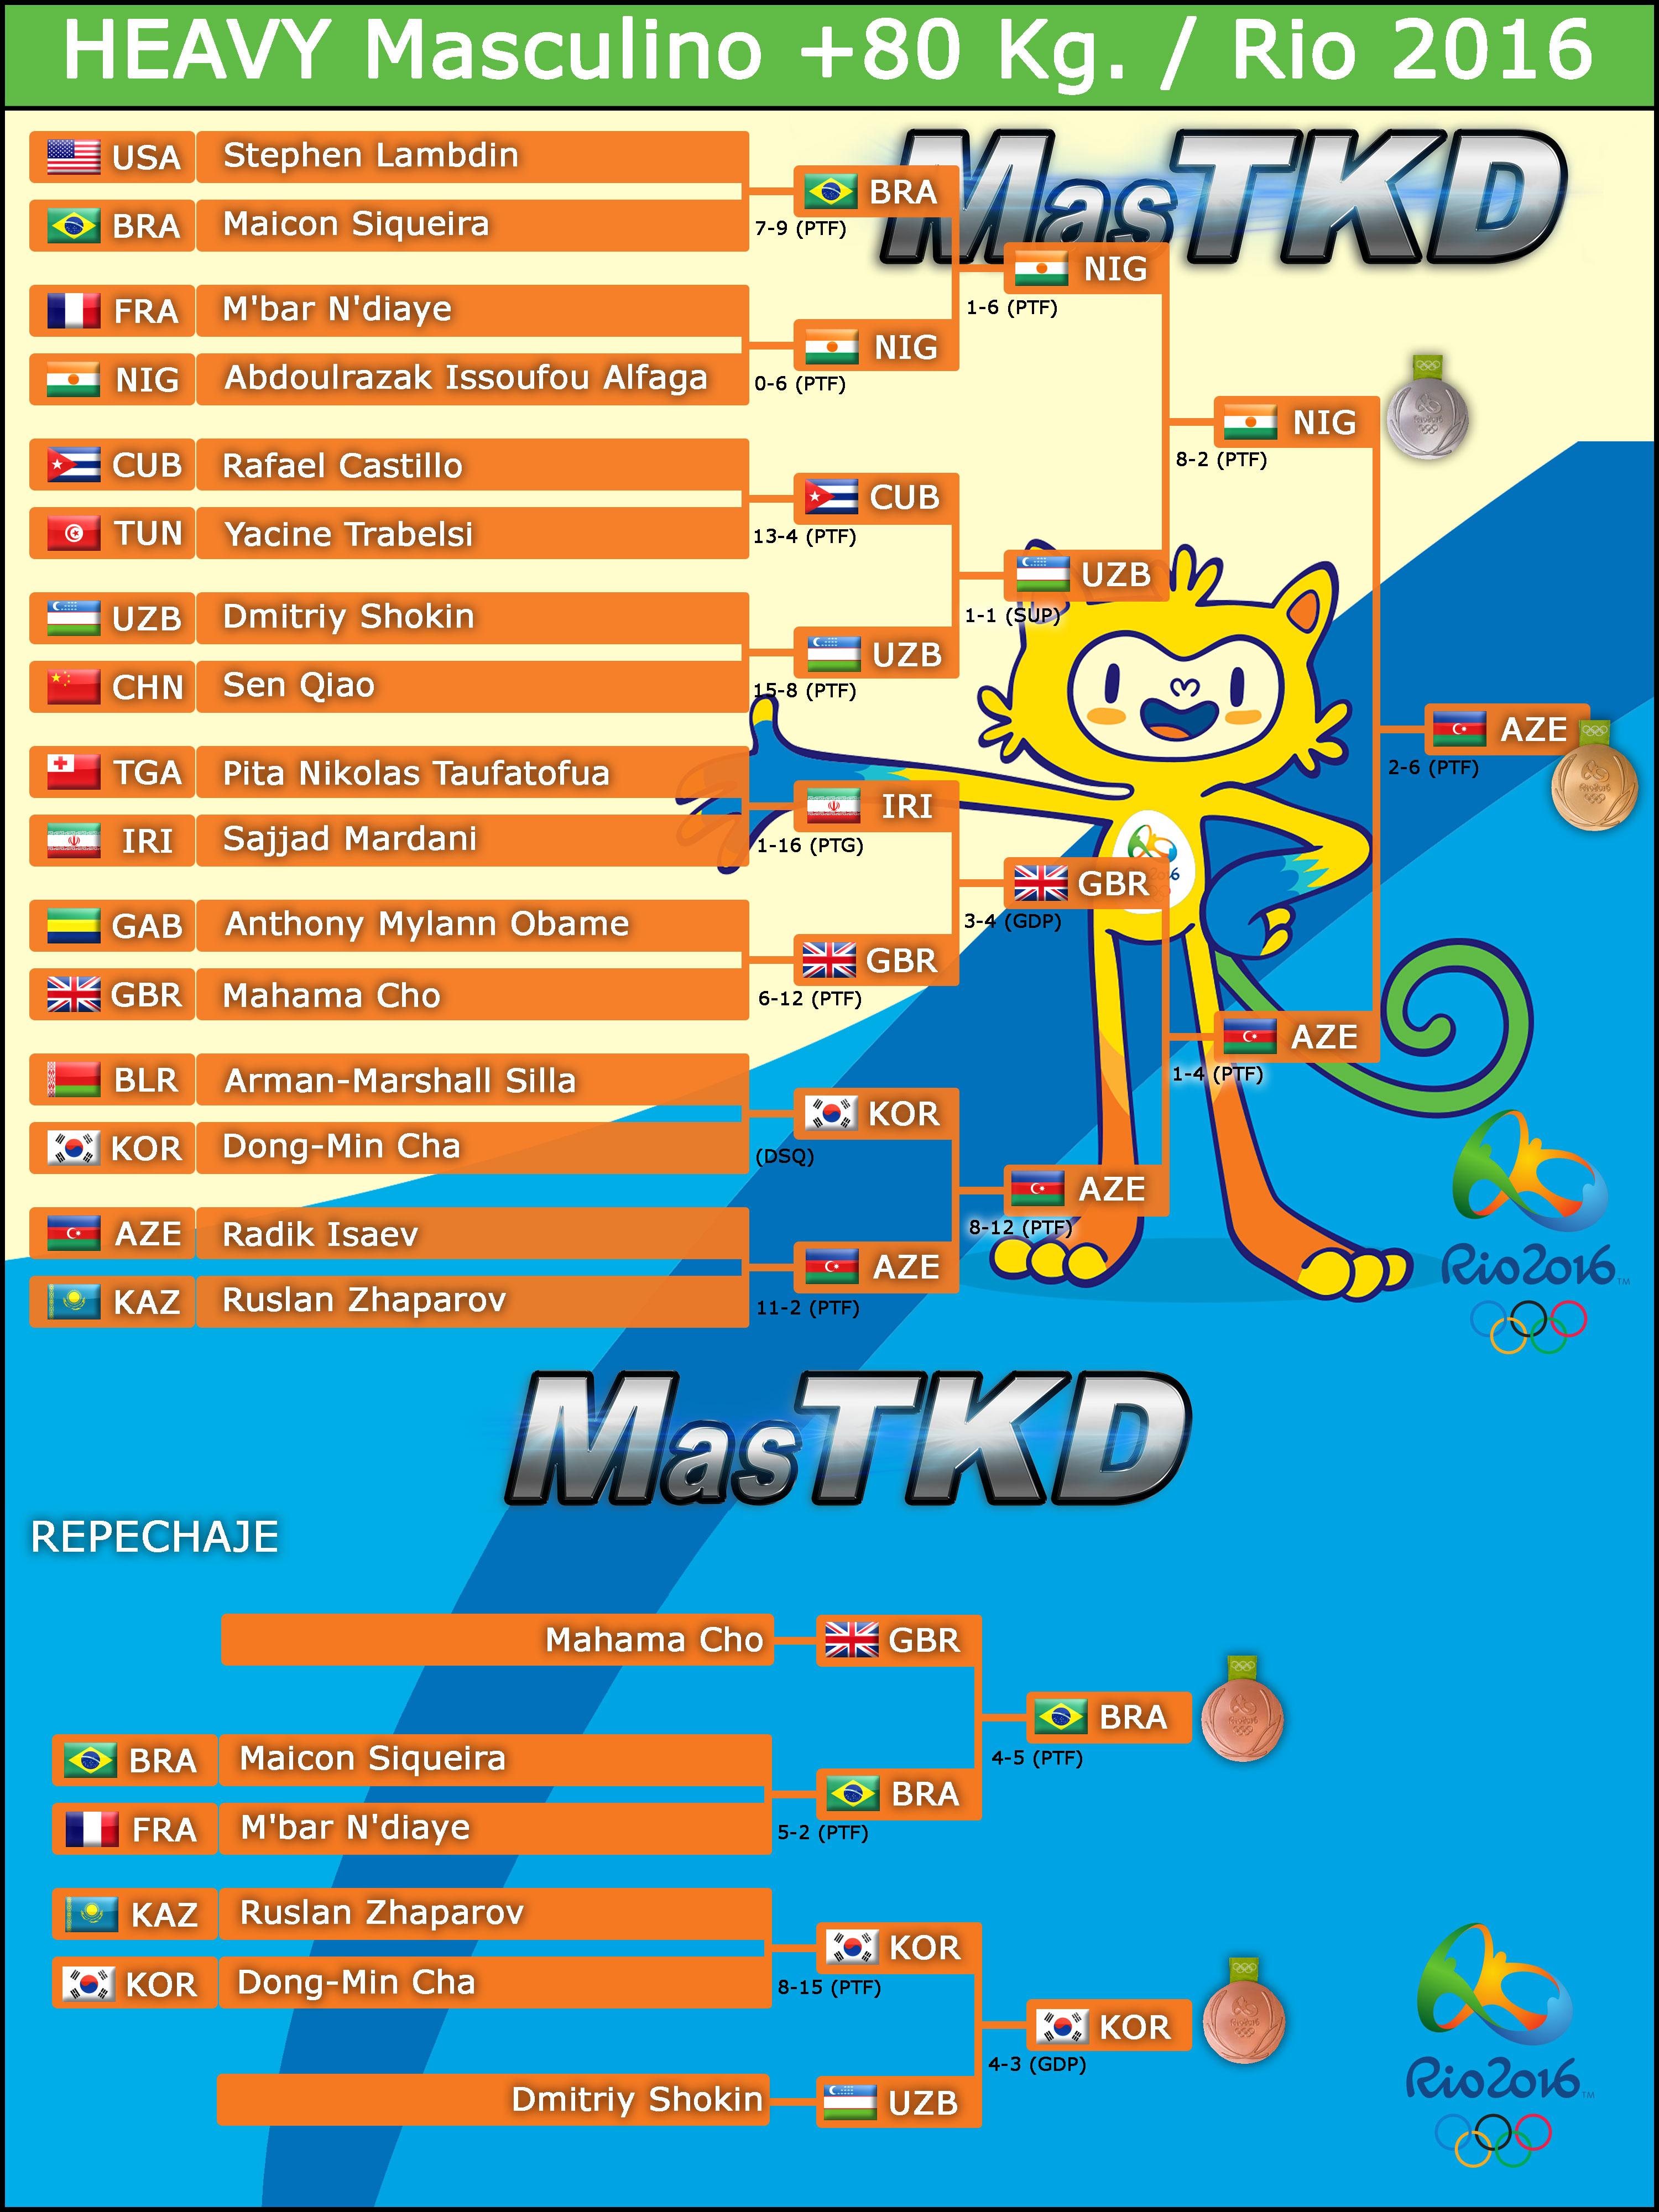 20160820_Mo80_Graficas-TAEKWONDO-Rio2016_Resultado_FINAL